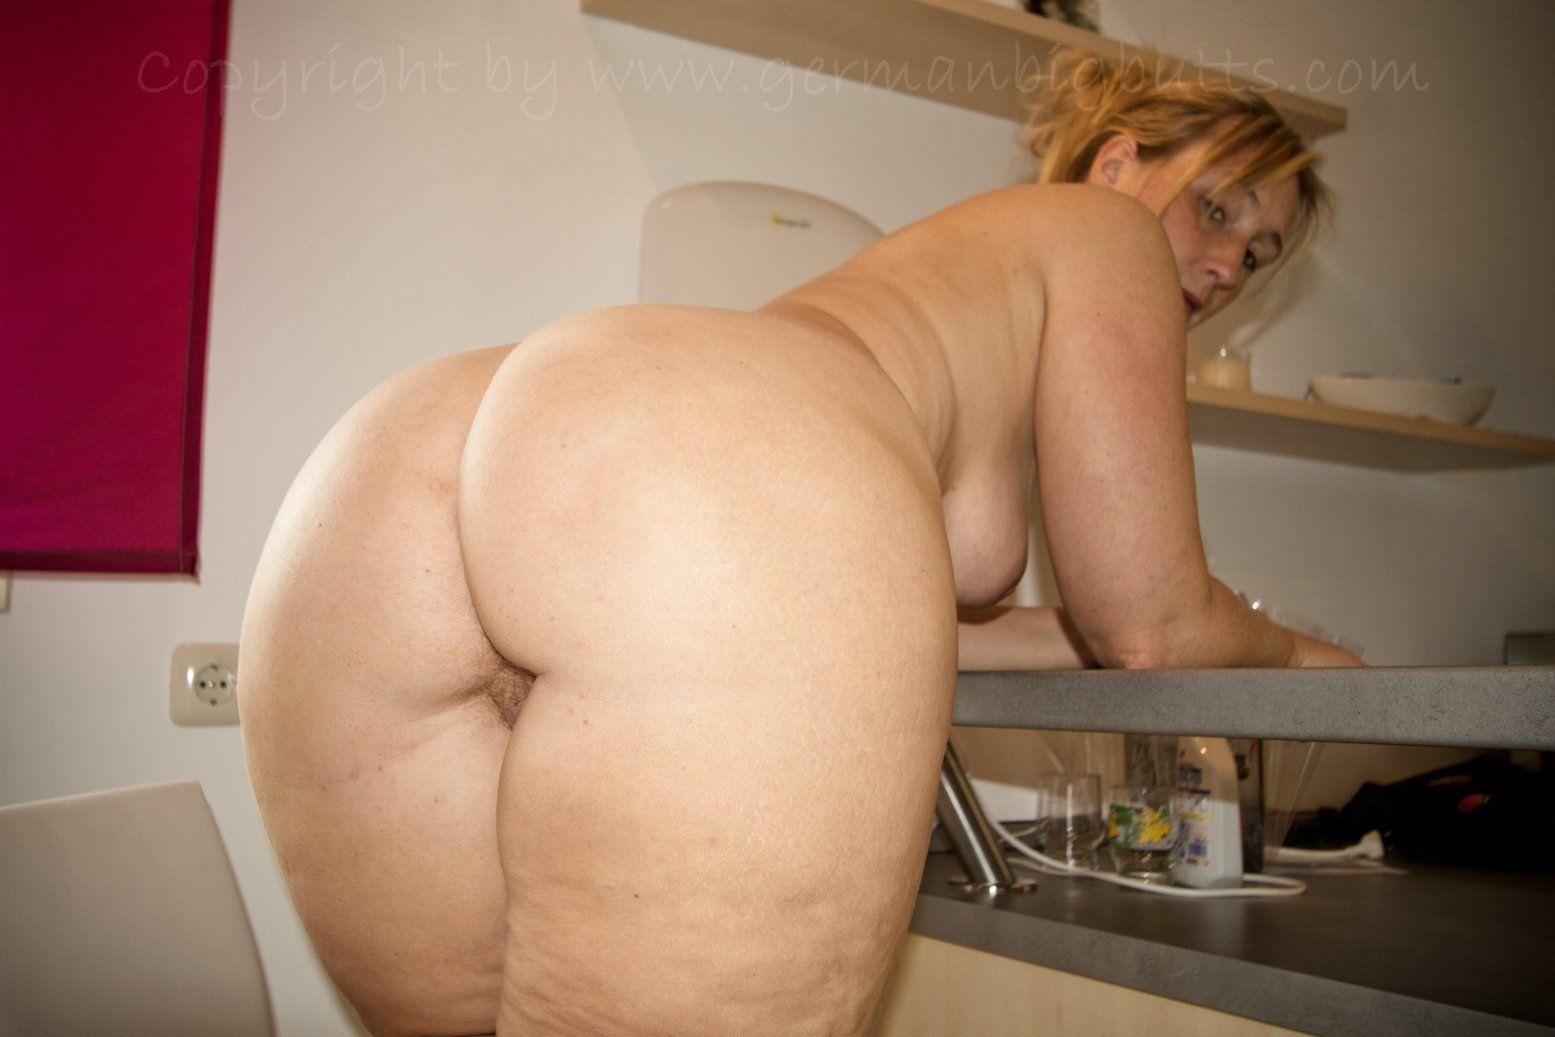 Big butt pussy sarah Sarah Big